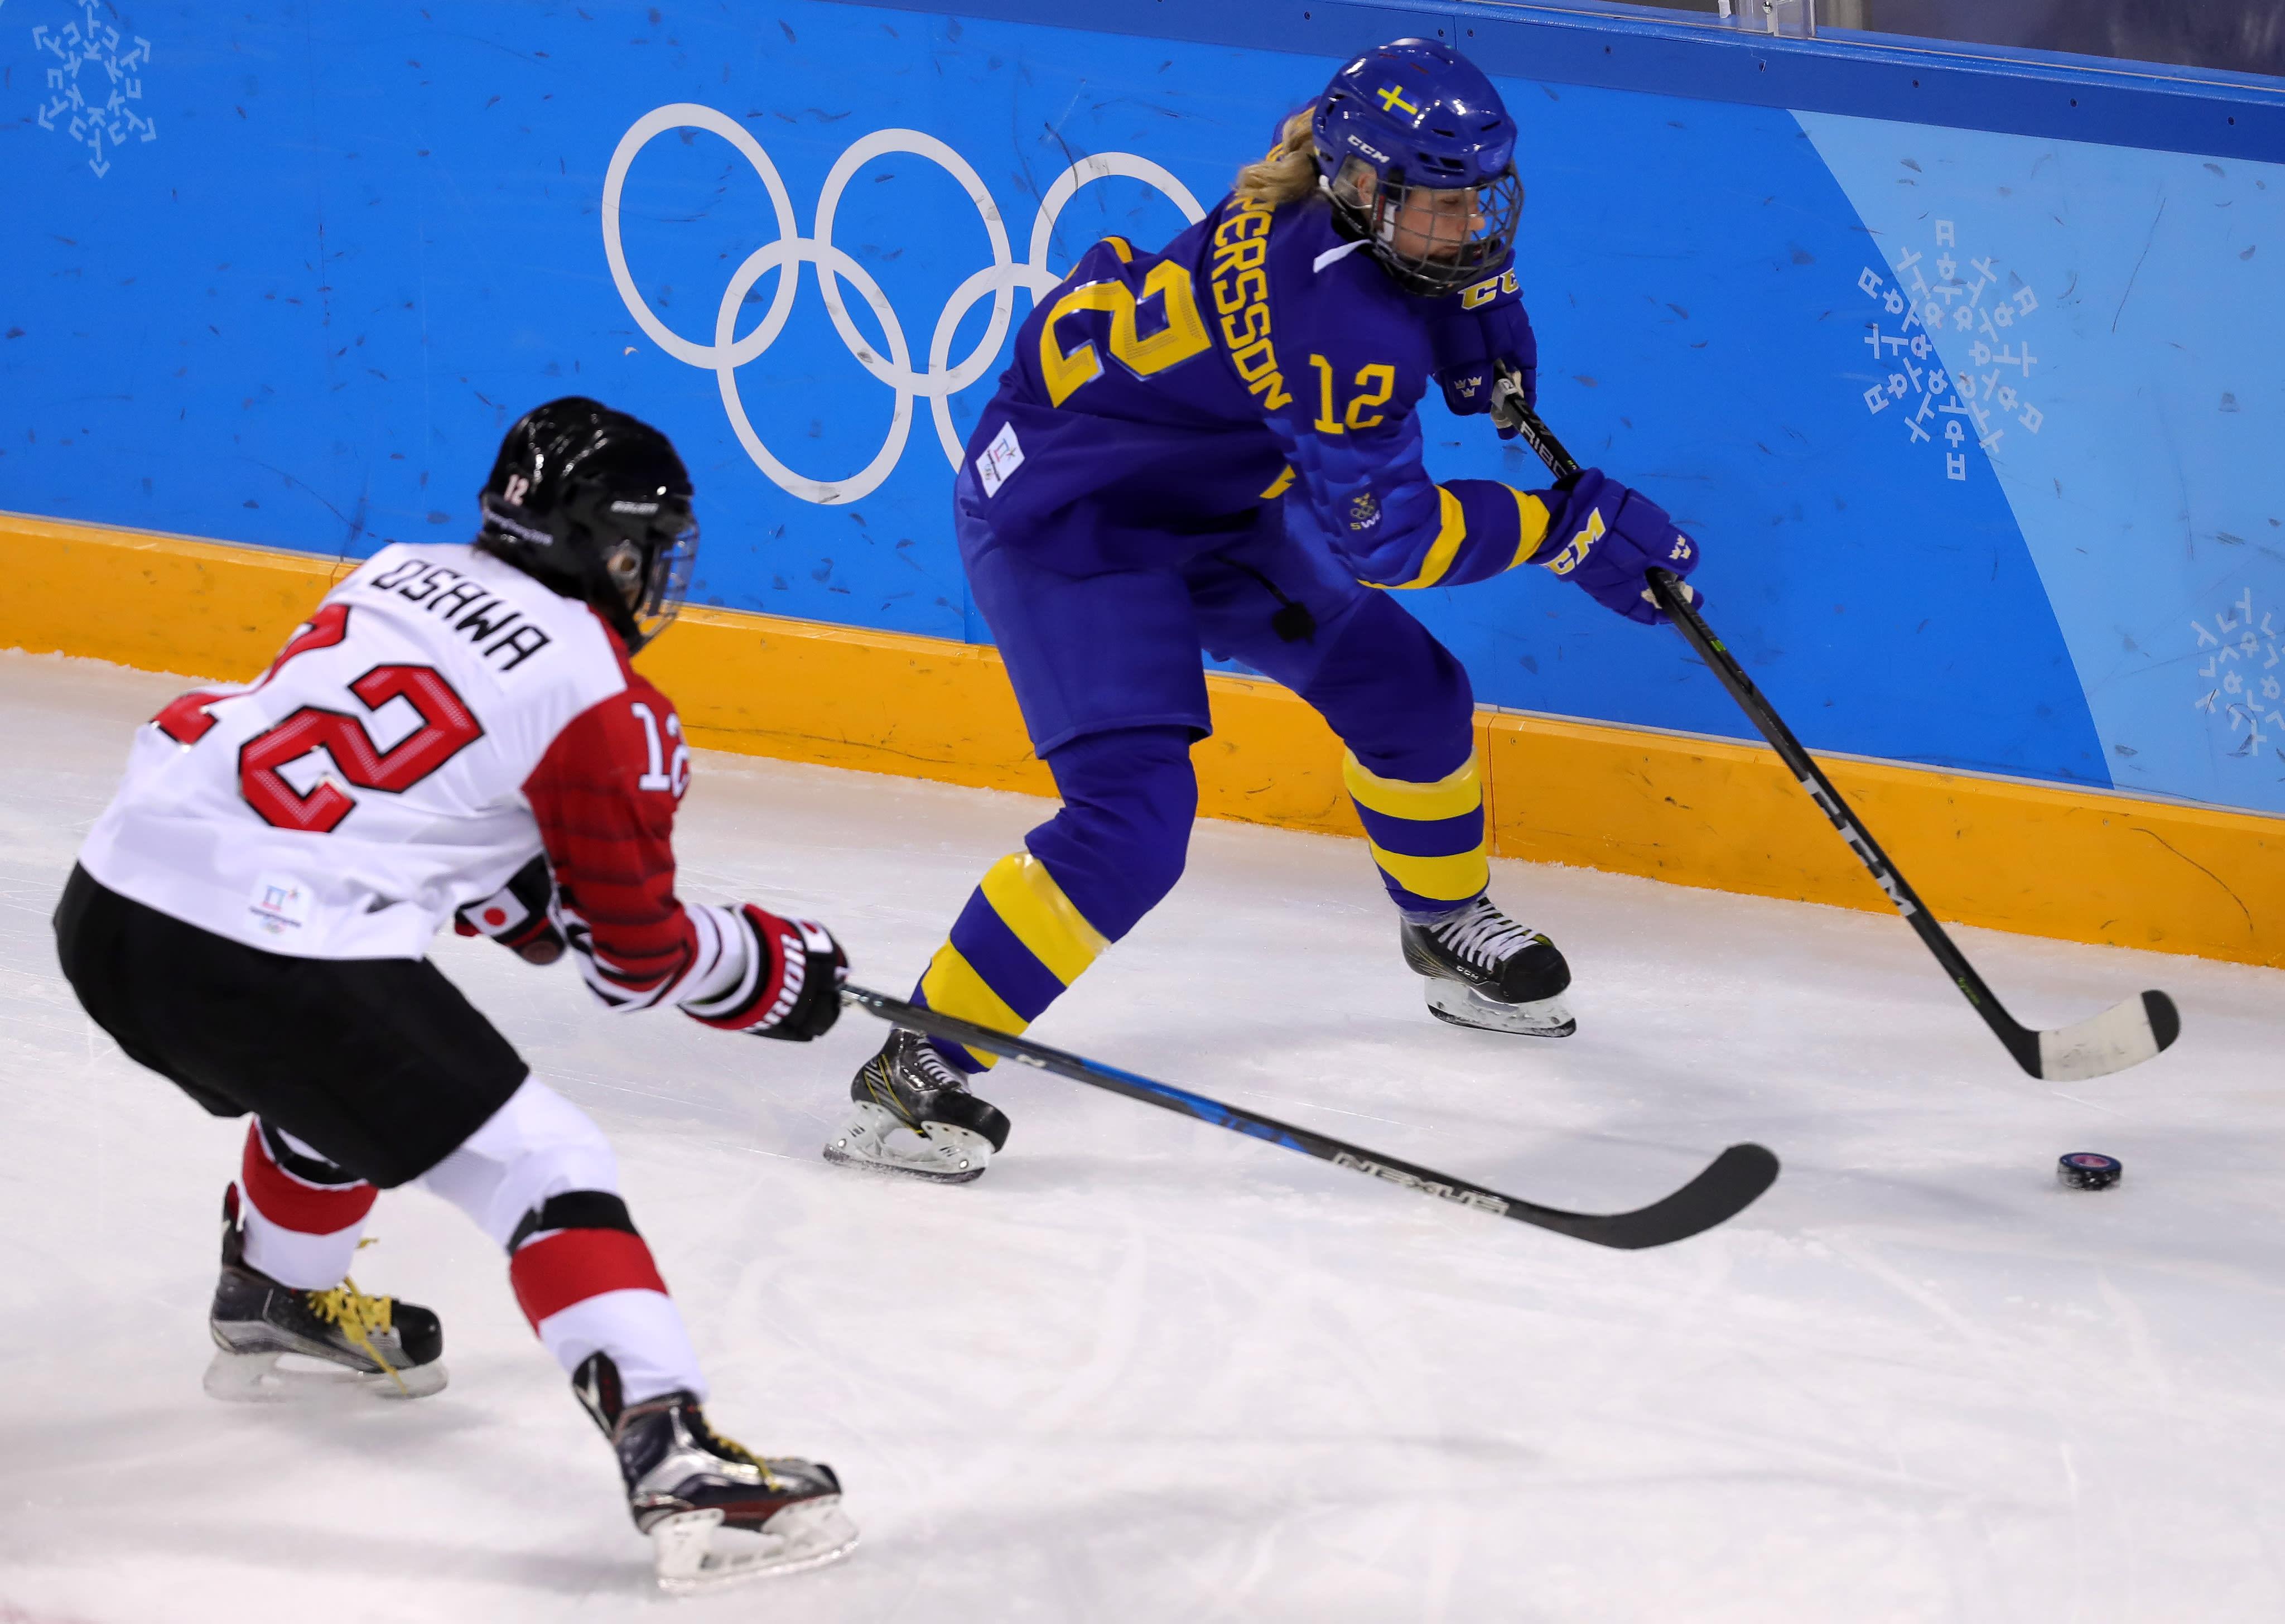 Olympialaiset Naisten Jääkiekko